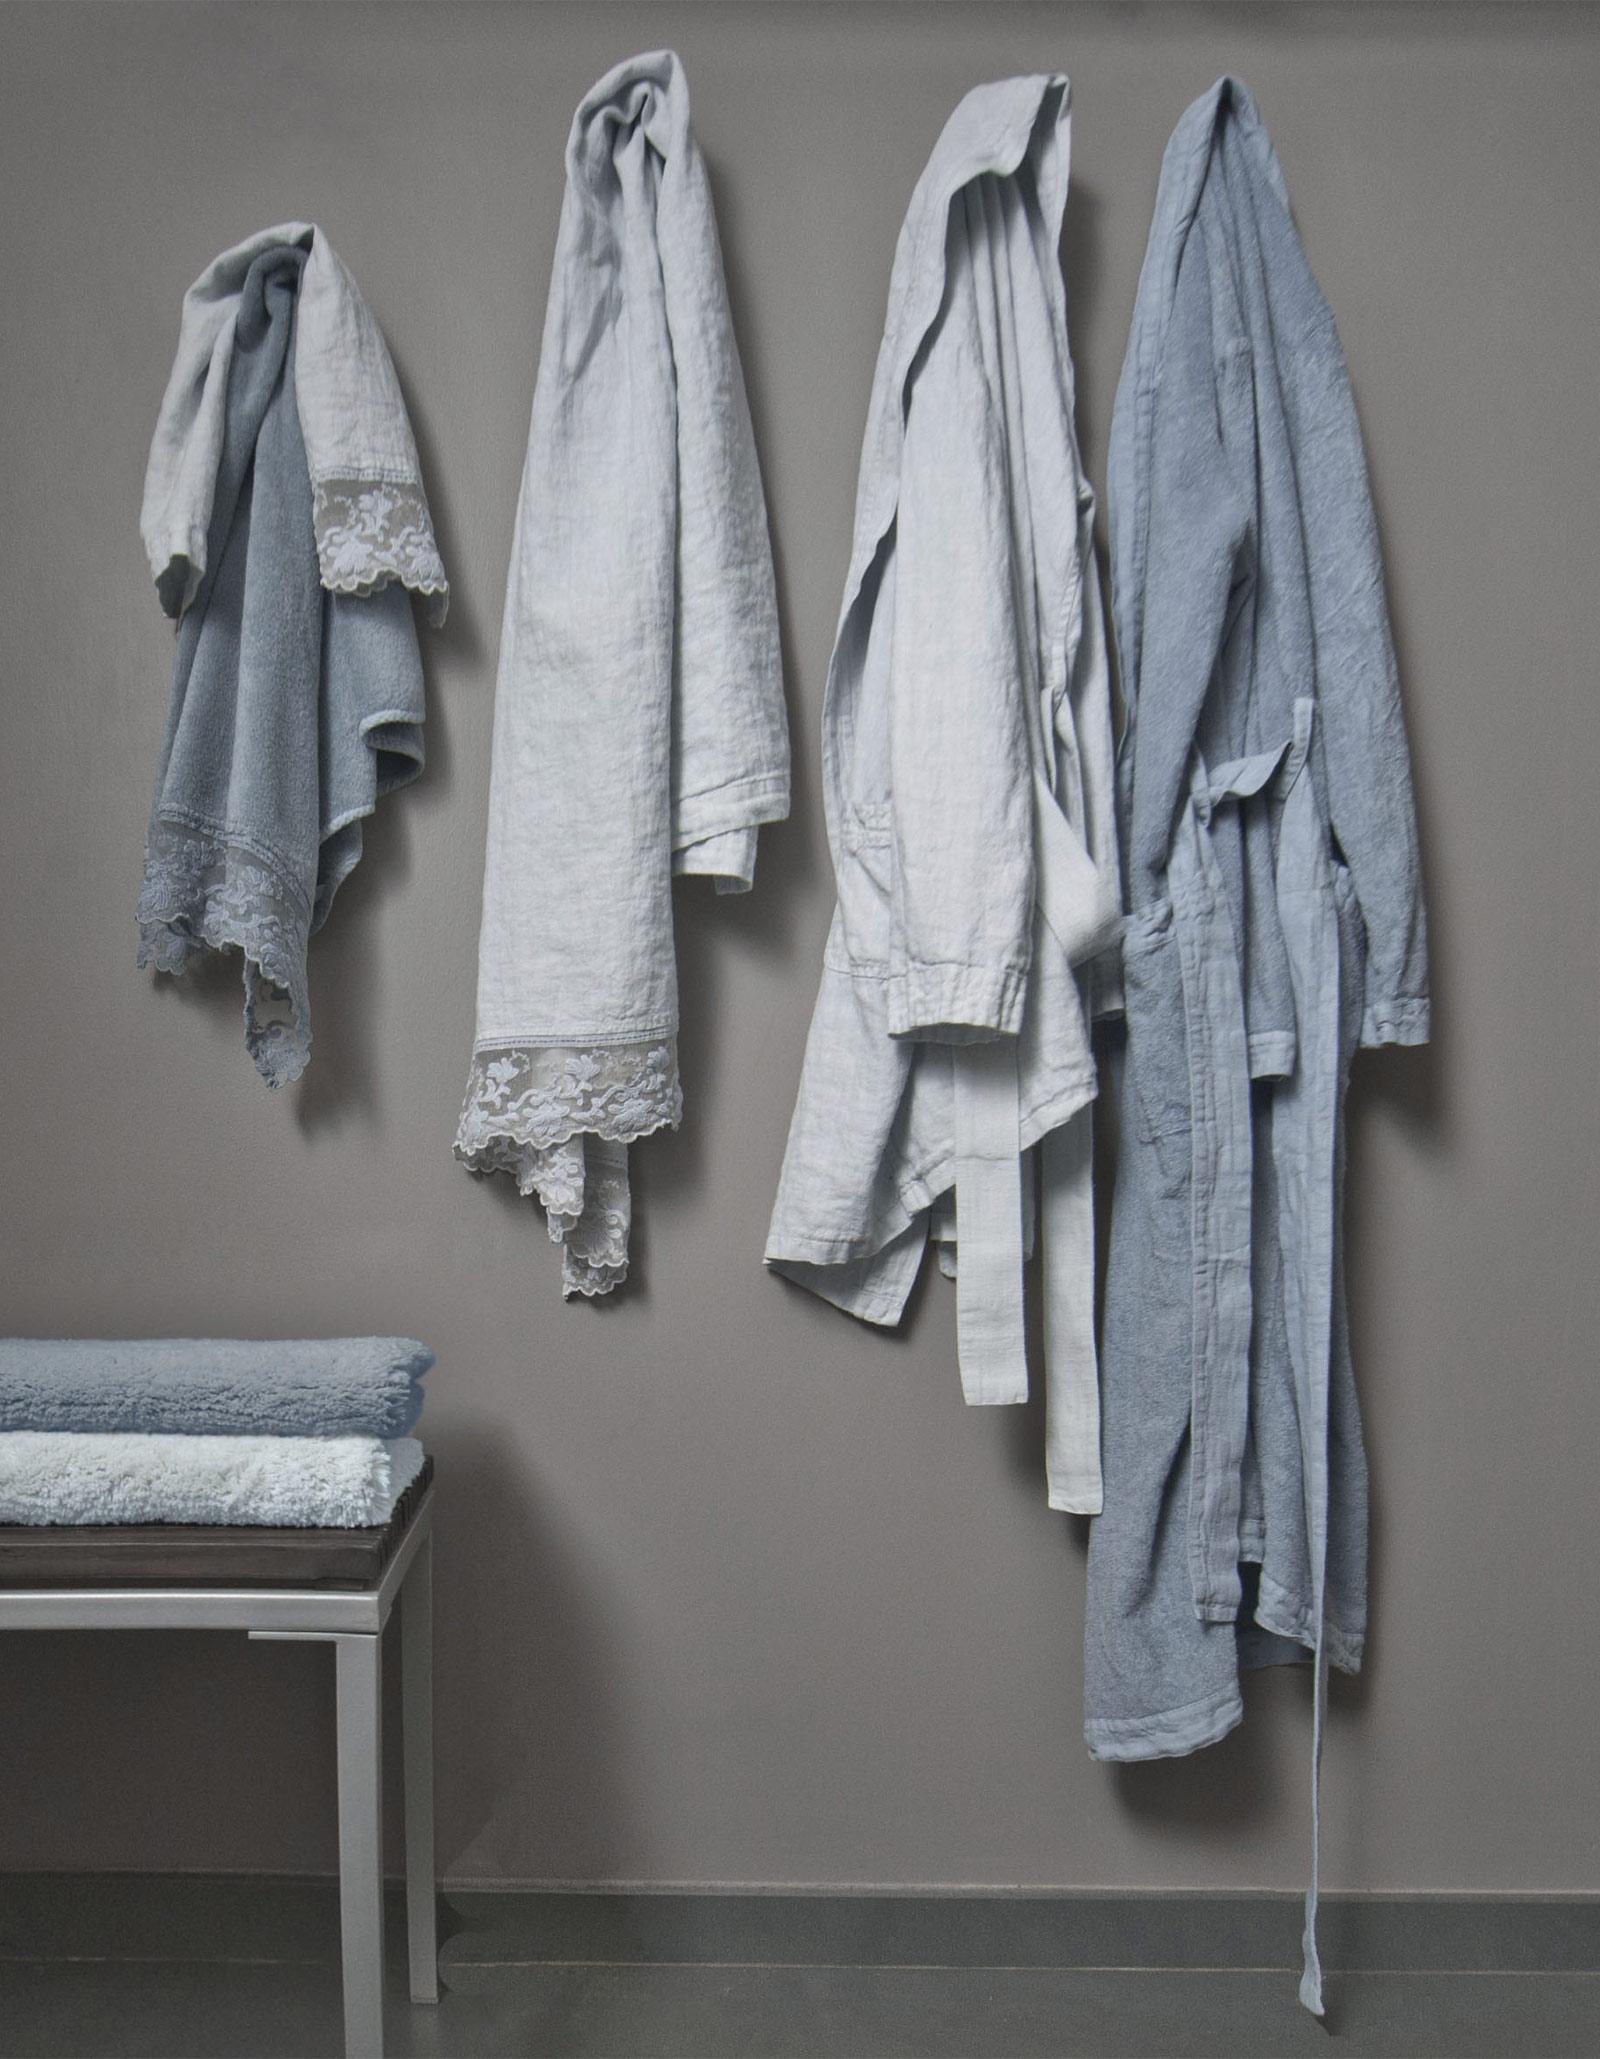 Lino per il bagno, asciugamani, tappeti, accappatoi